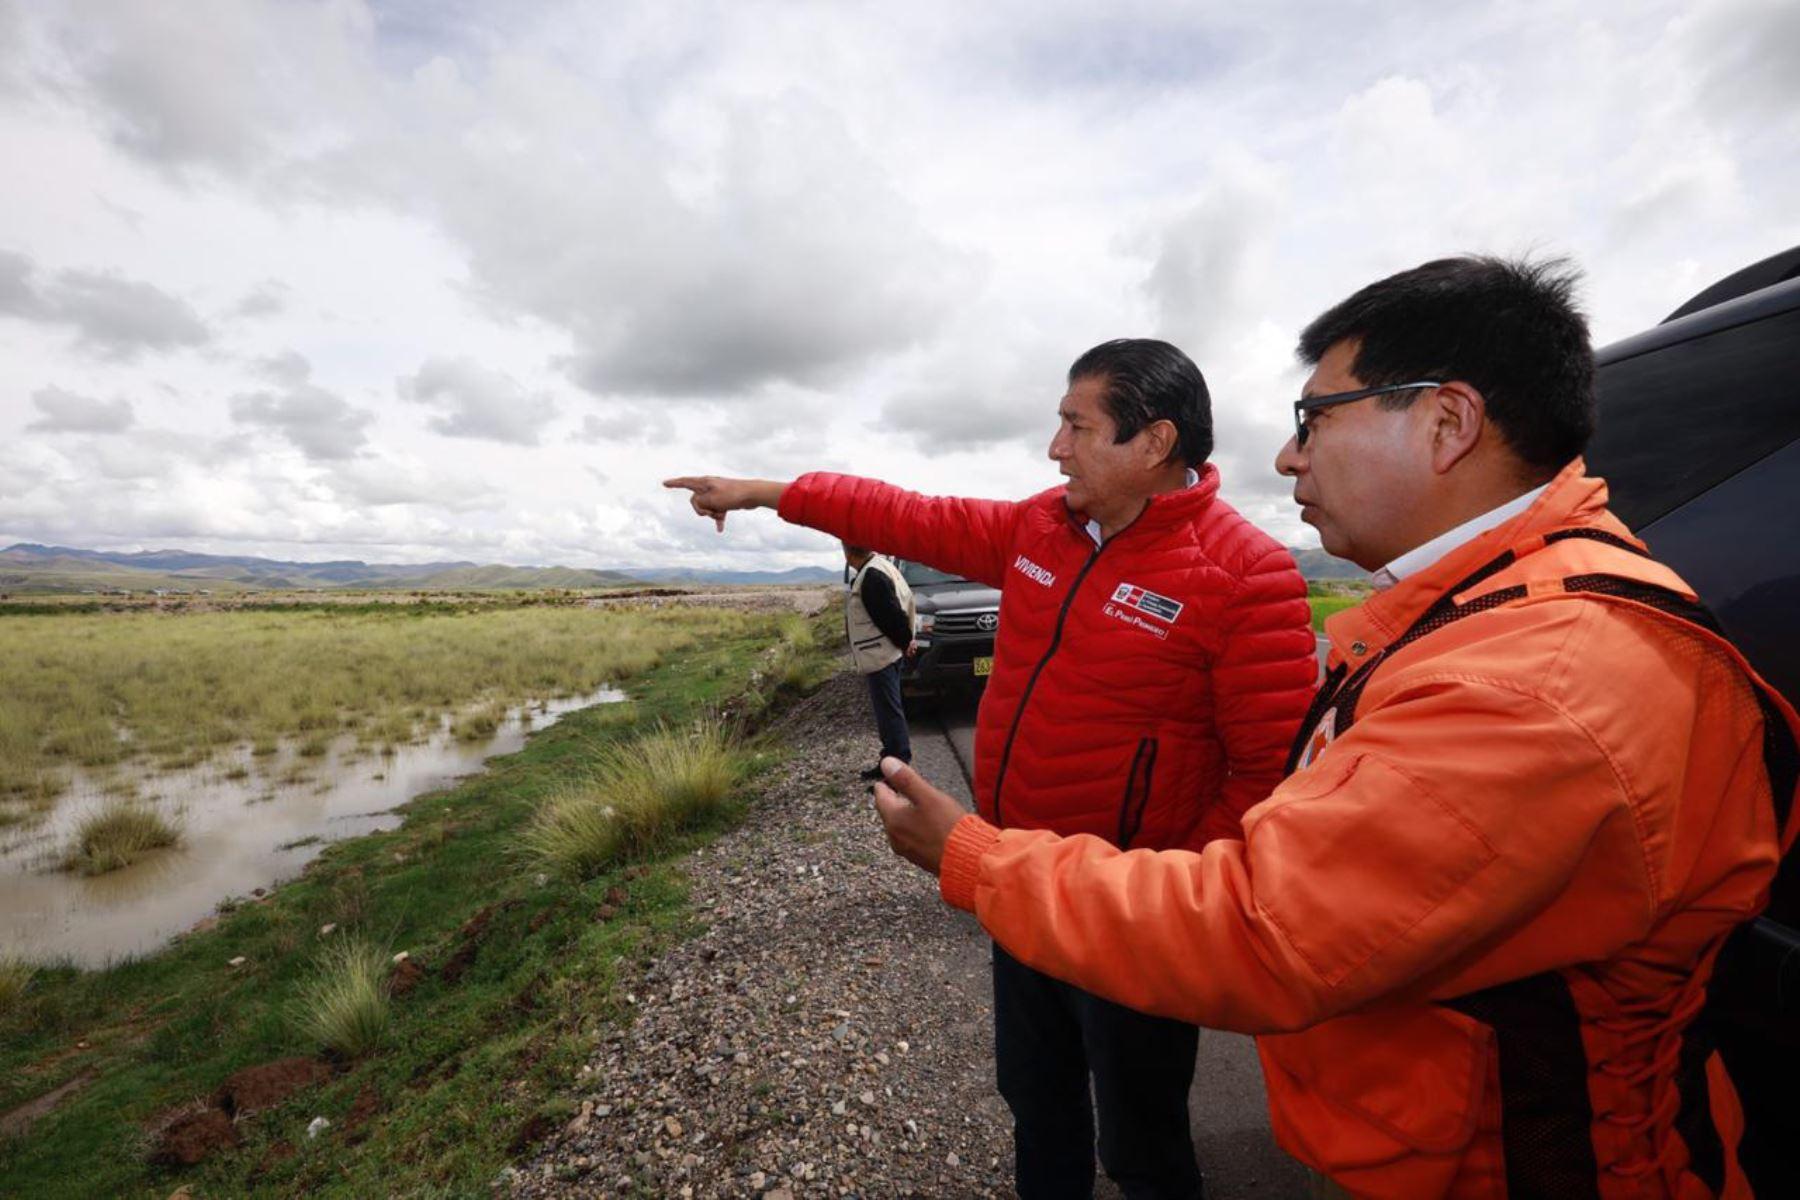 El ministro de Vivienda, Construcción y Saneamiento, Rodolfo Yáñez, visitó los puntos críticos de la región Puno que se encuentran en peligro inminente de desbordes ante la temporada de lluvias.